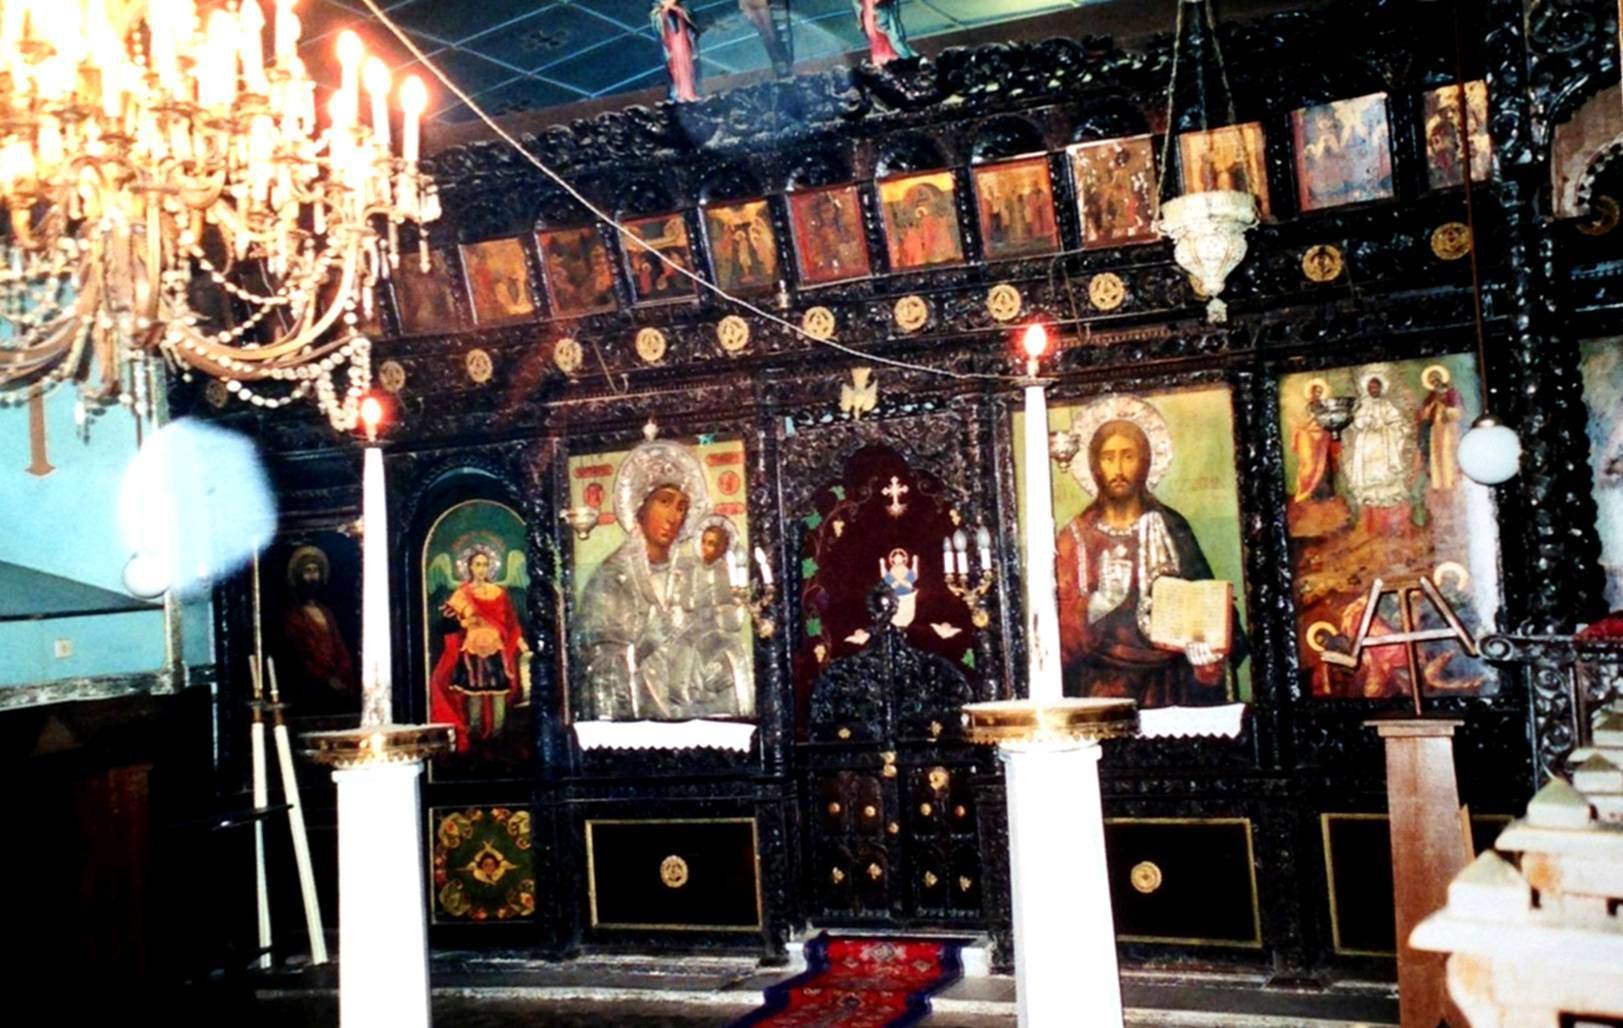 İstanbul, Burgazada, Aya Yorgi Manastırı ve Kilisesi'nin ikonastasisi. Duvar resimleri ve ikonalarla süslü kilisenin ikonalarının bir kısmı gümüşle kaplanmıştır.